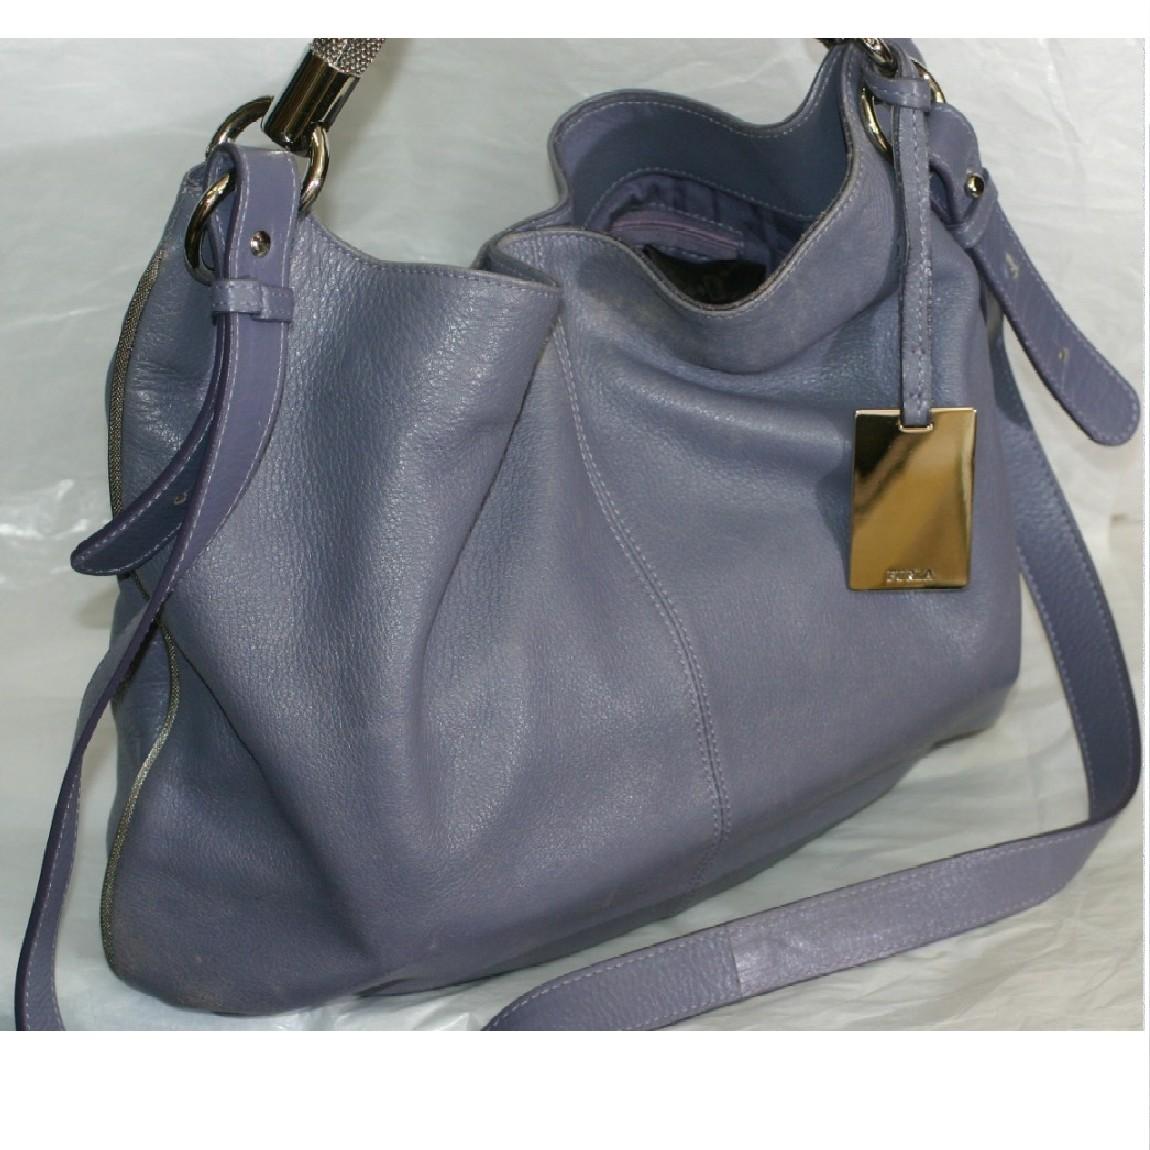 【中古】本物フルラ女性用アッシュパープル色柔らかい革素材お洒落なフォルムの2WAYバッグ サイズW40H27D7cm